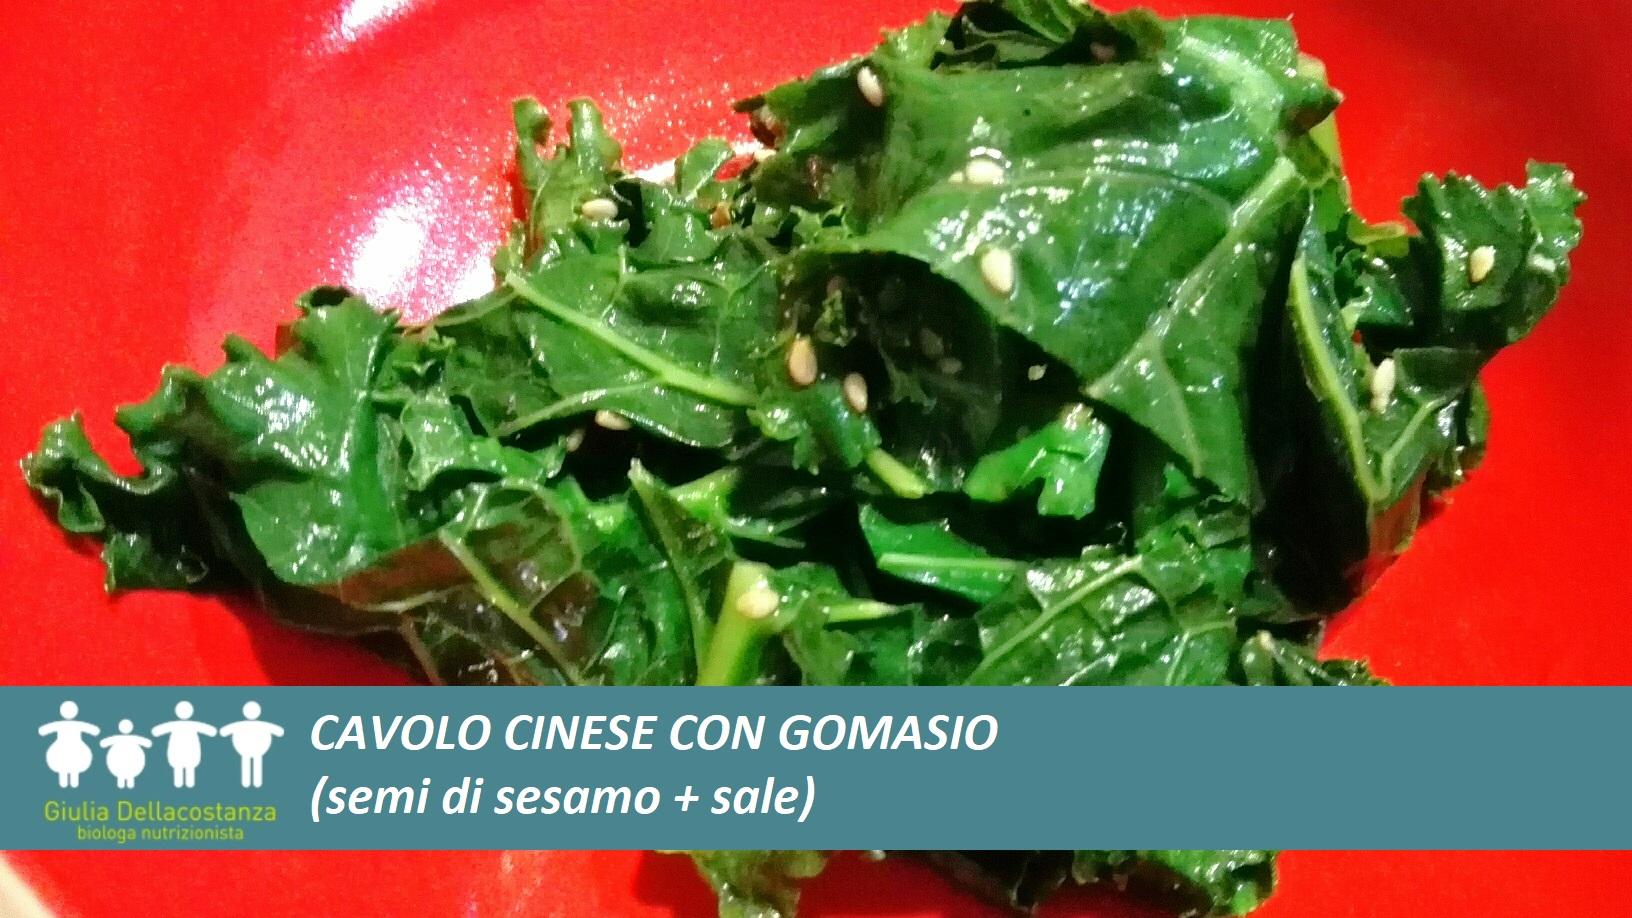 Fonti vegetali di calcio - cavolo cinese con gomasio.